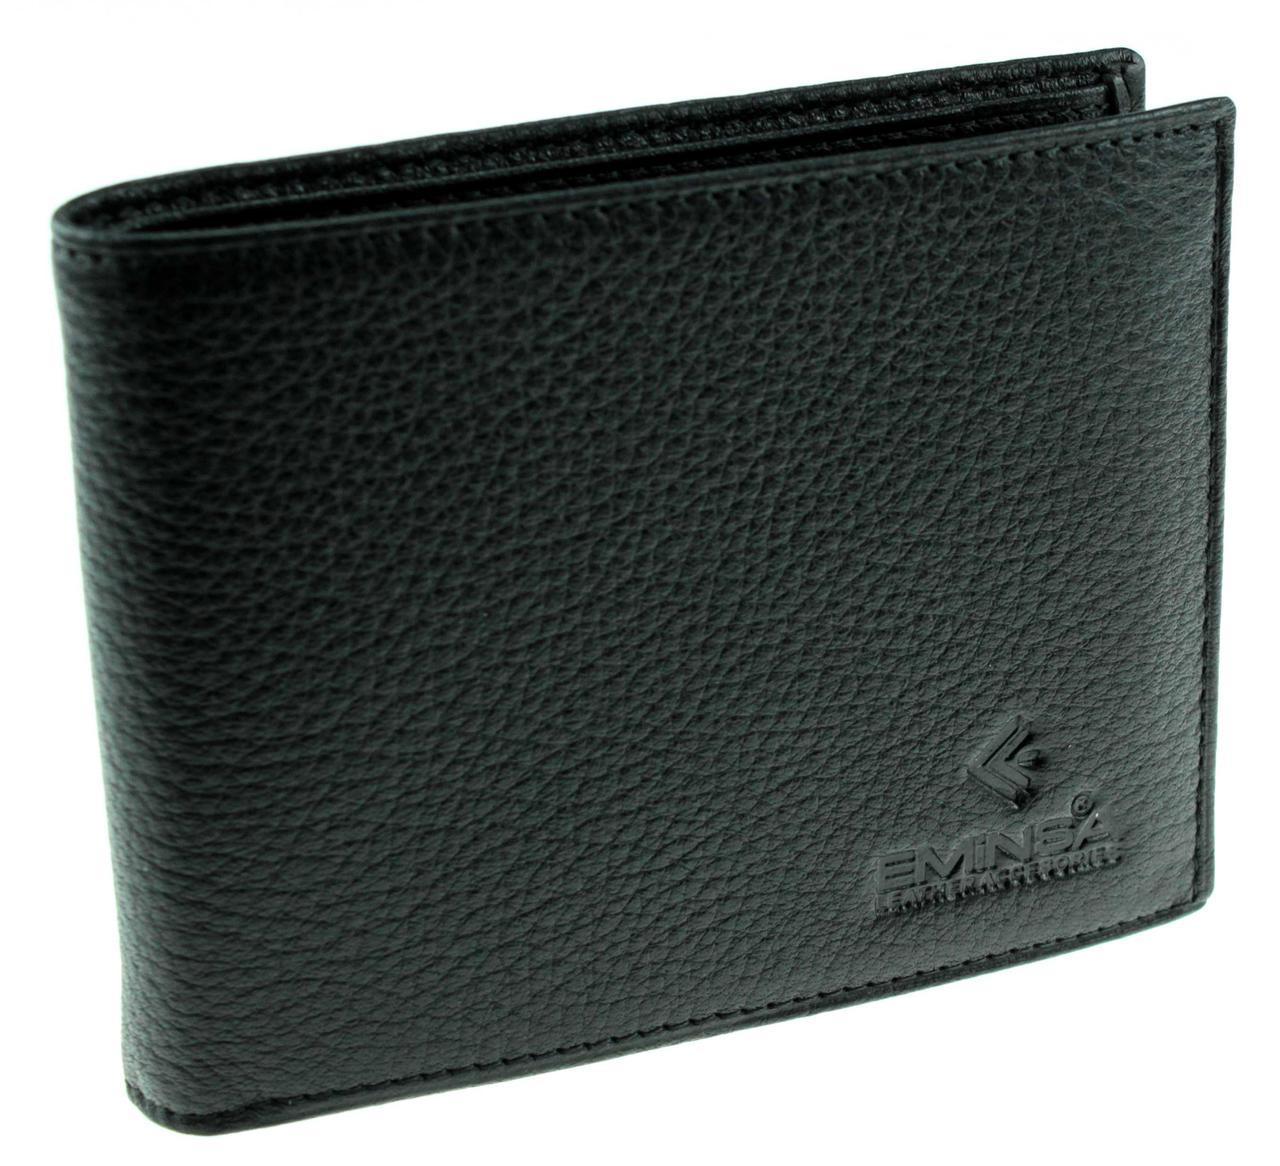 Мужское портмоне Eminsa 1014-17-1 кожаное черное